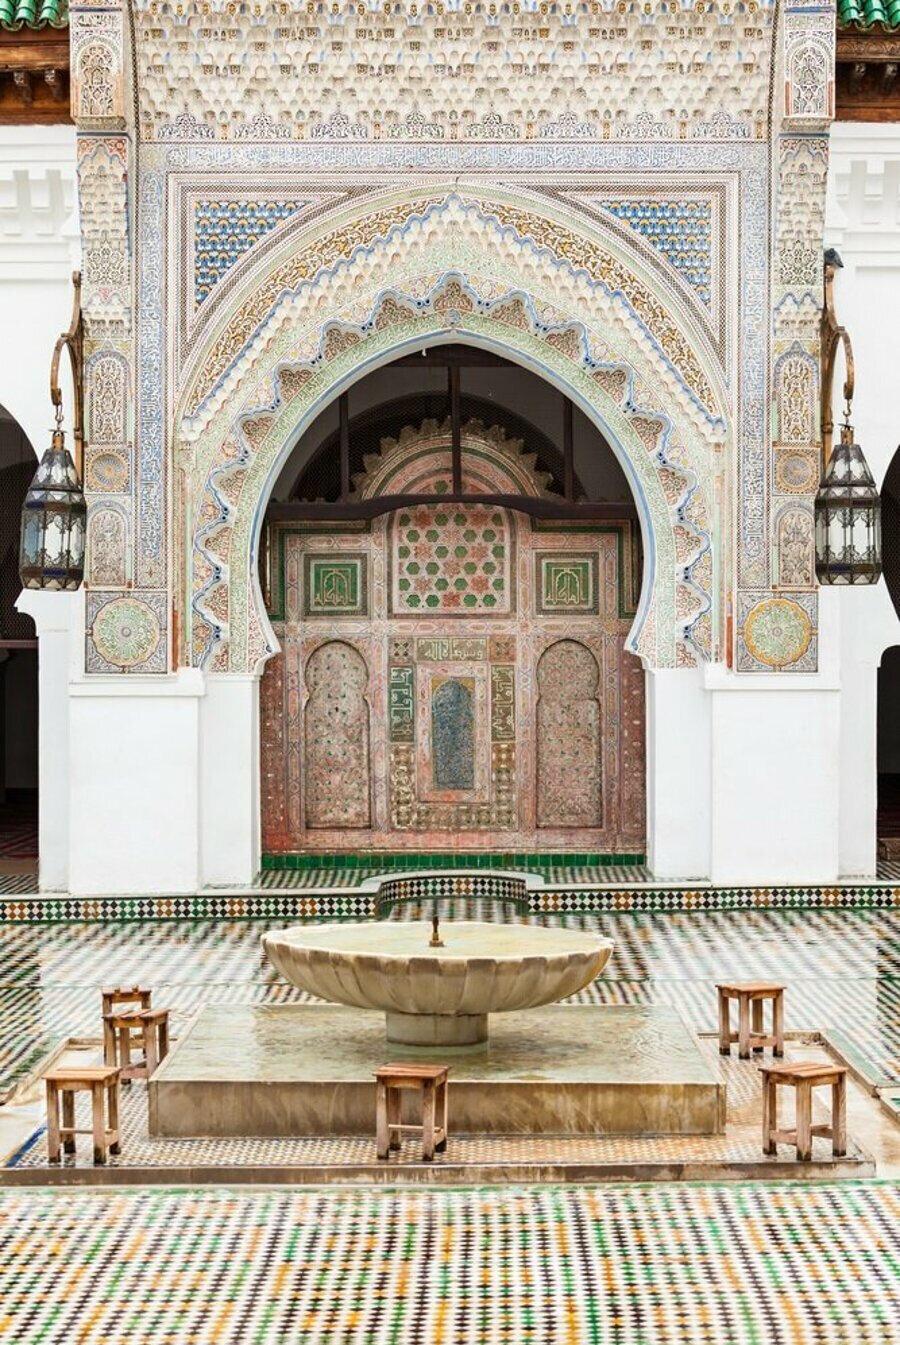 Emevî dönemi Fas hakimi Ahmed b. Ebû Bekir ez-Zenâtî tarafından başlatılan genişletme çalışmasında camiye bir şadırvan eklendi.